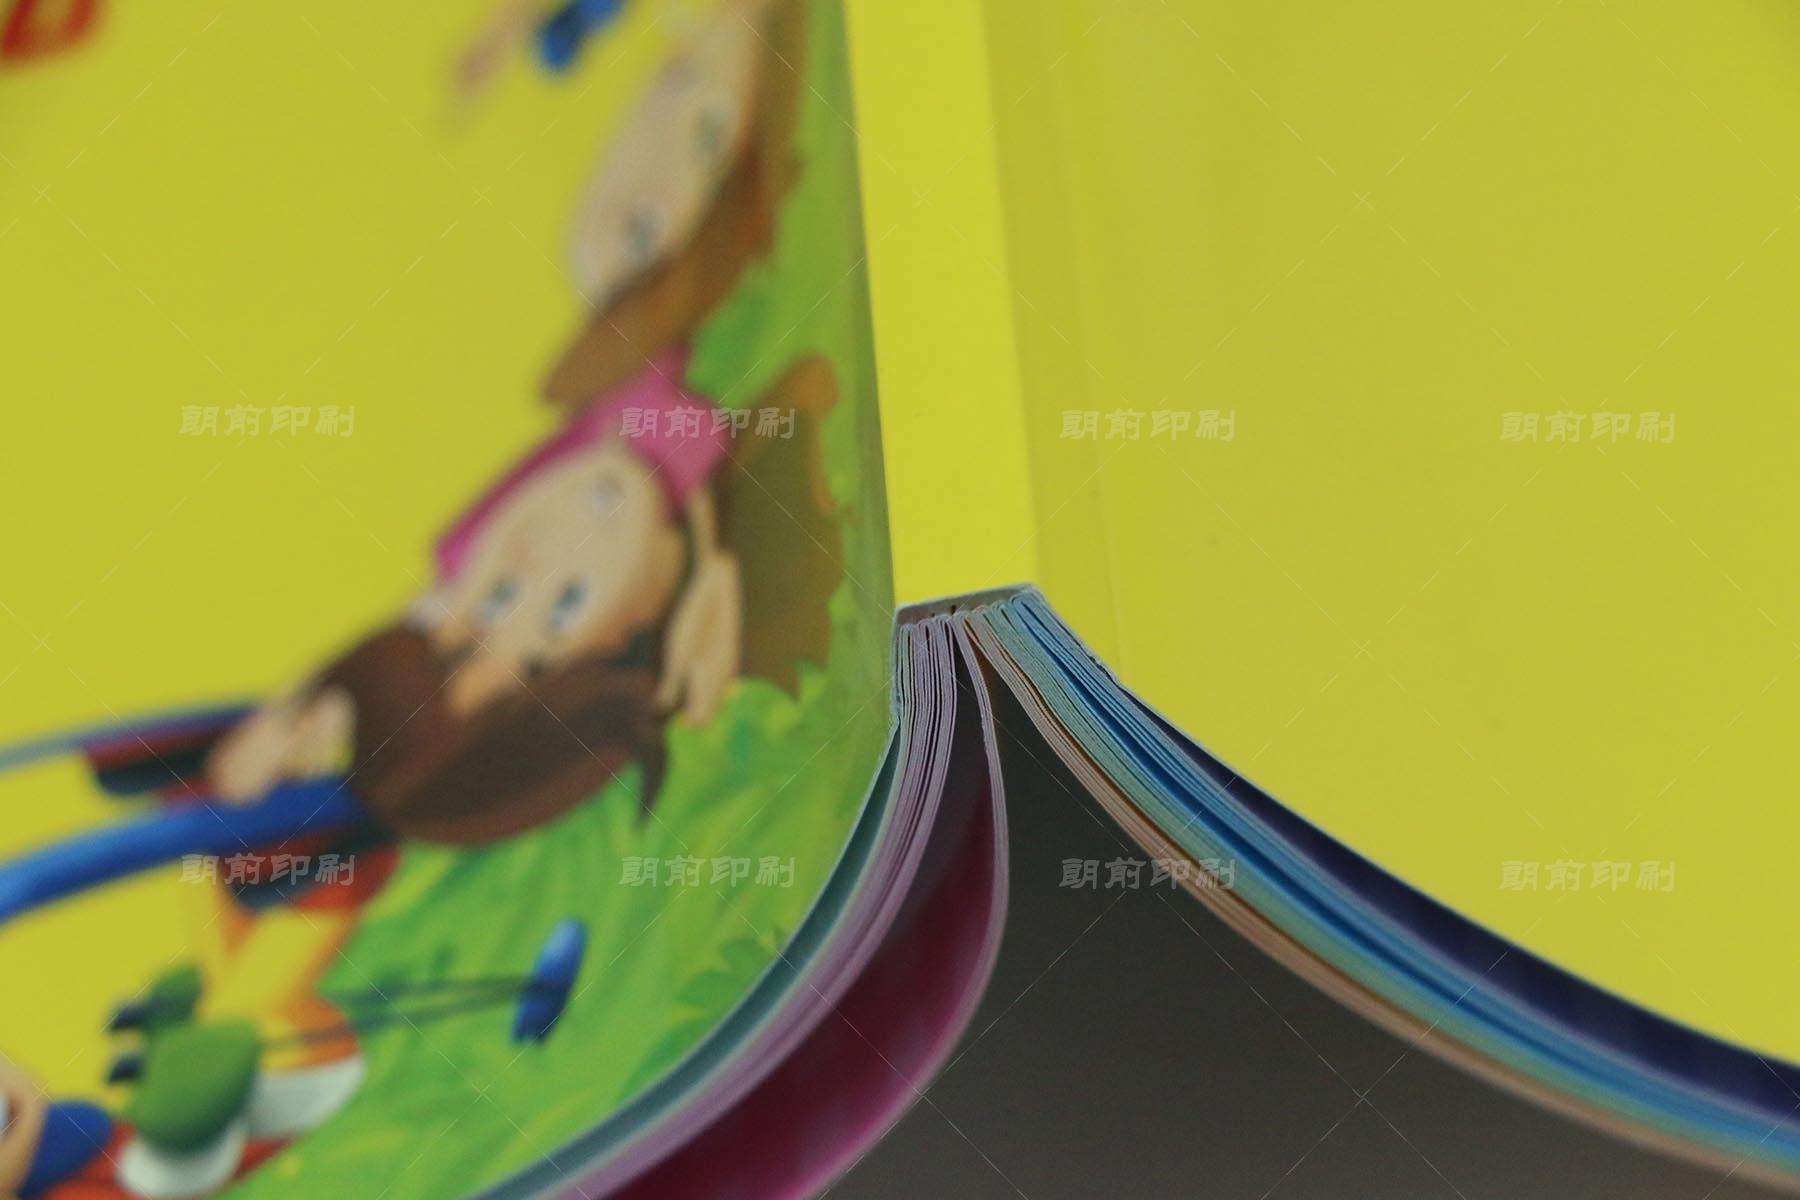 阳光三采 平装儿童启蒙书印刷